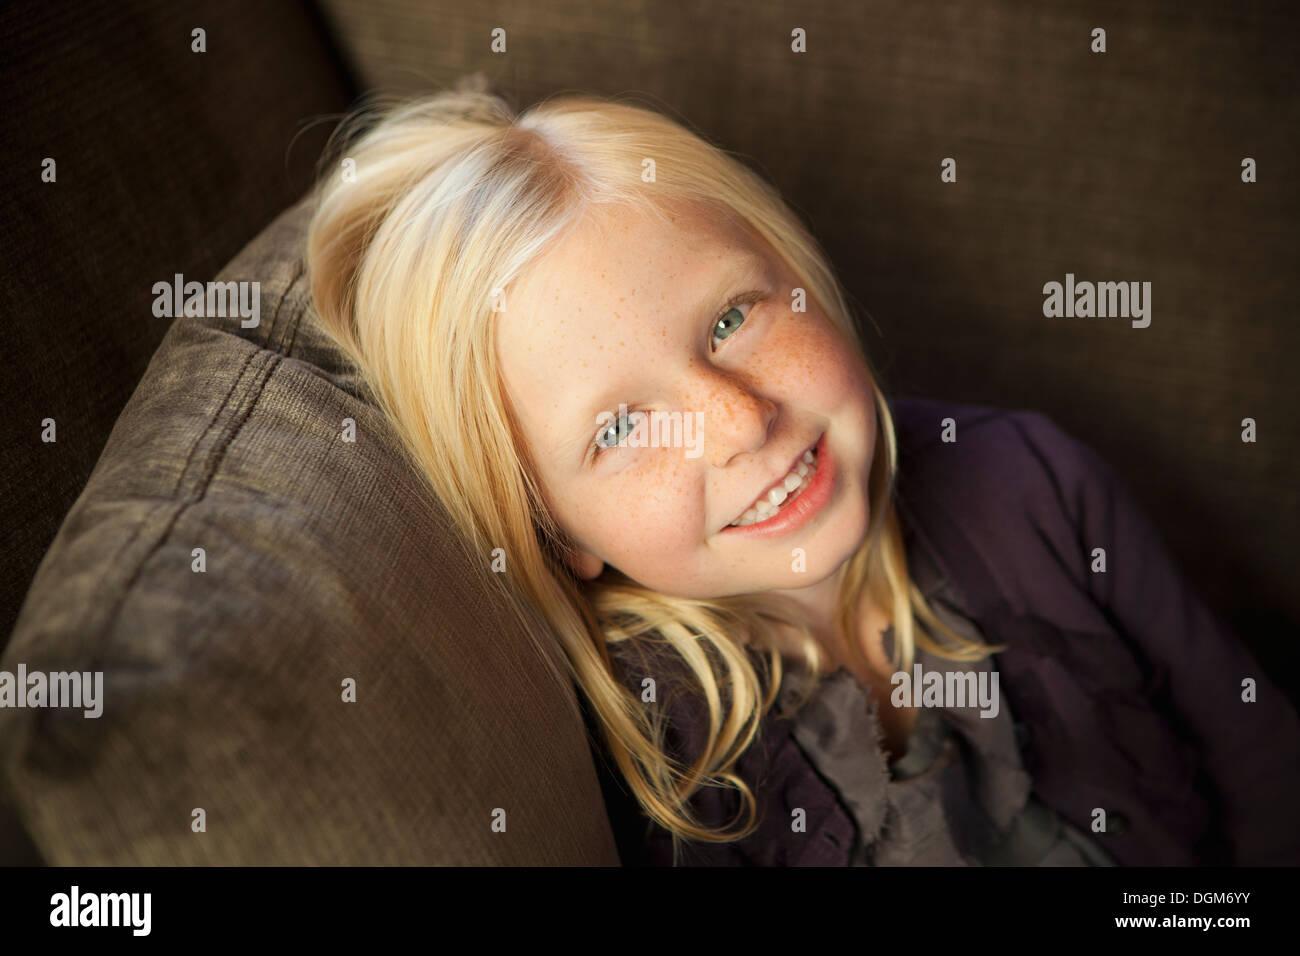 Una ragazza seduta su un divano, sorridente alla fotocamera. Foto Stock